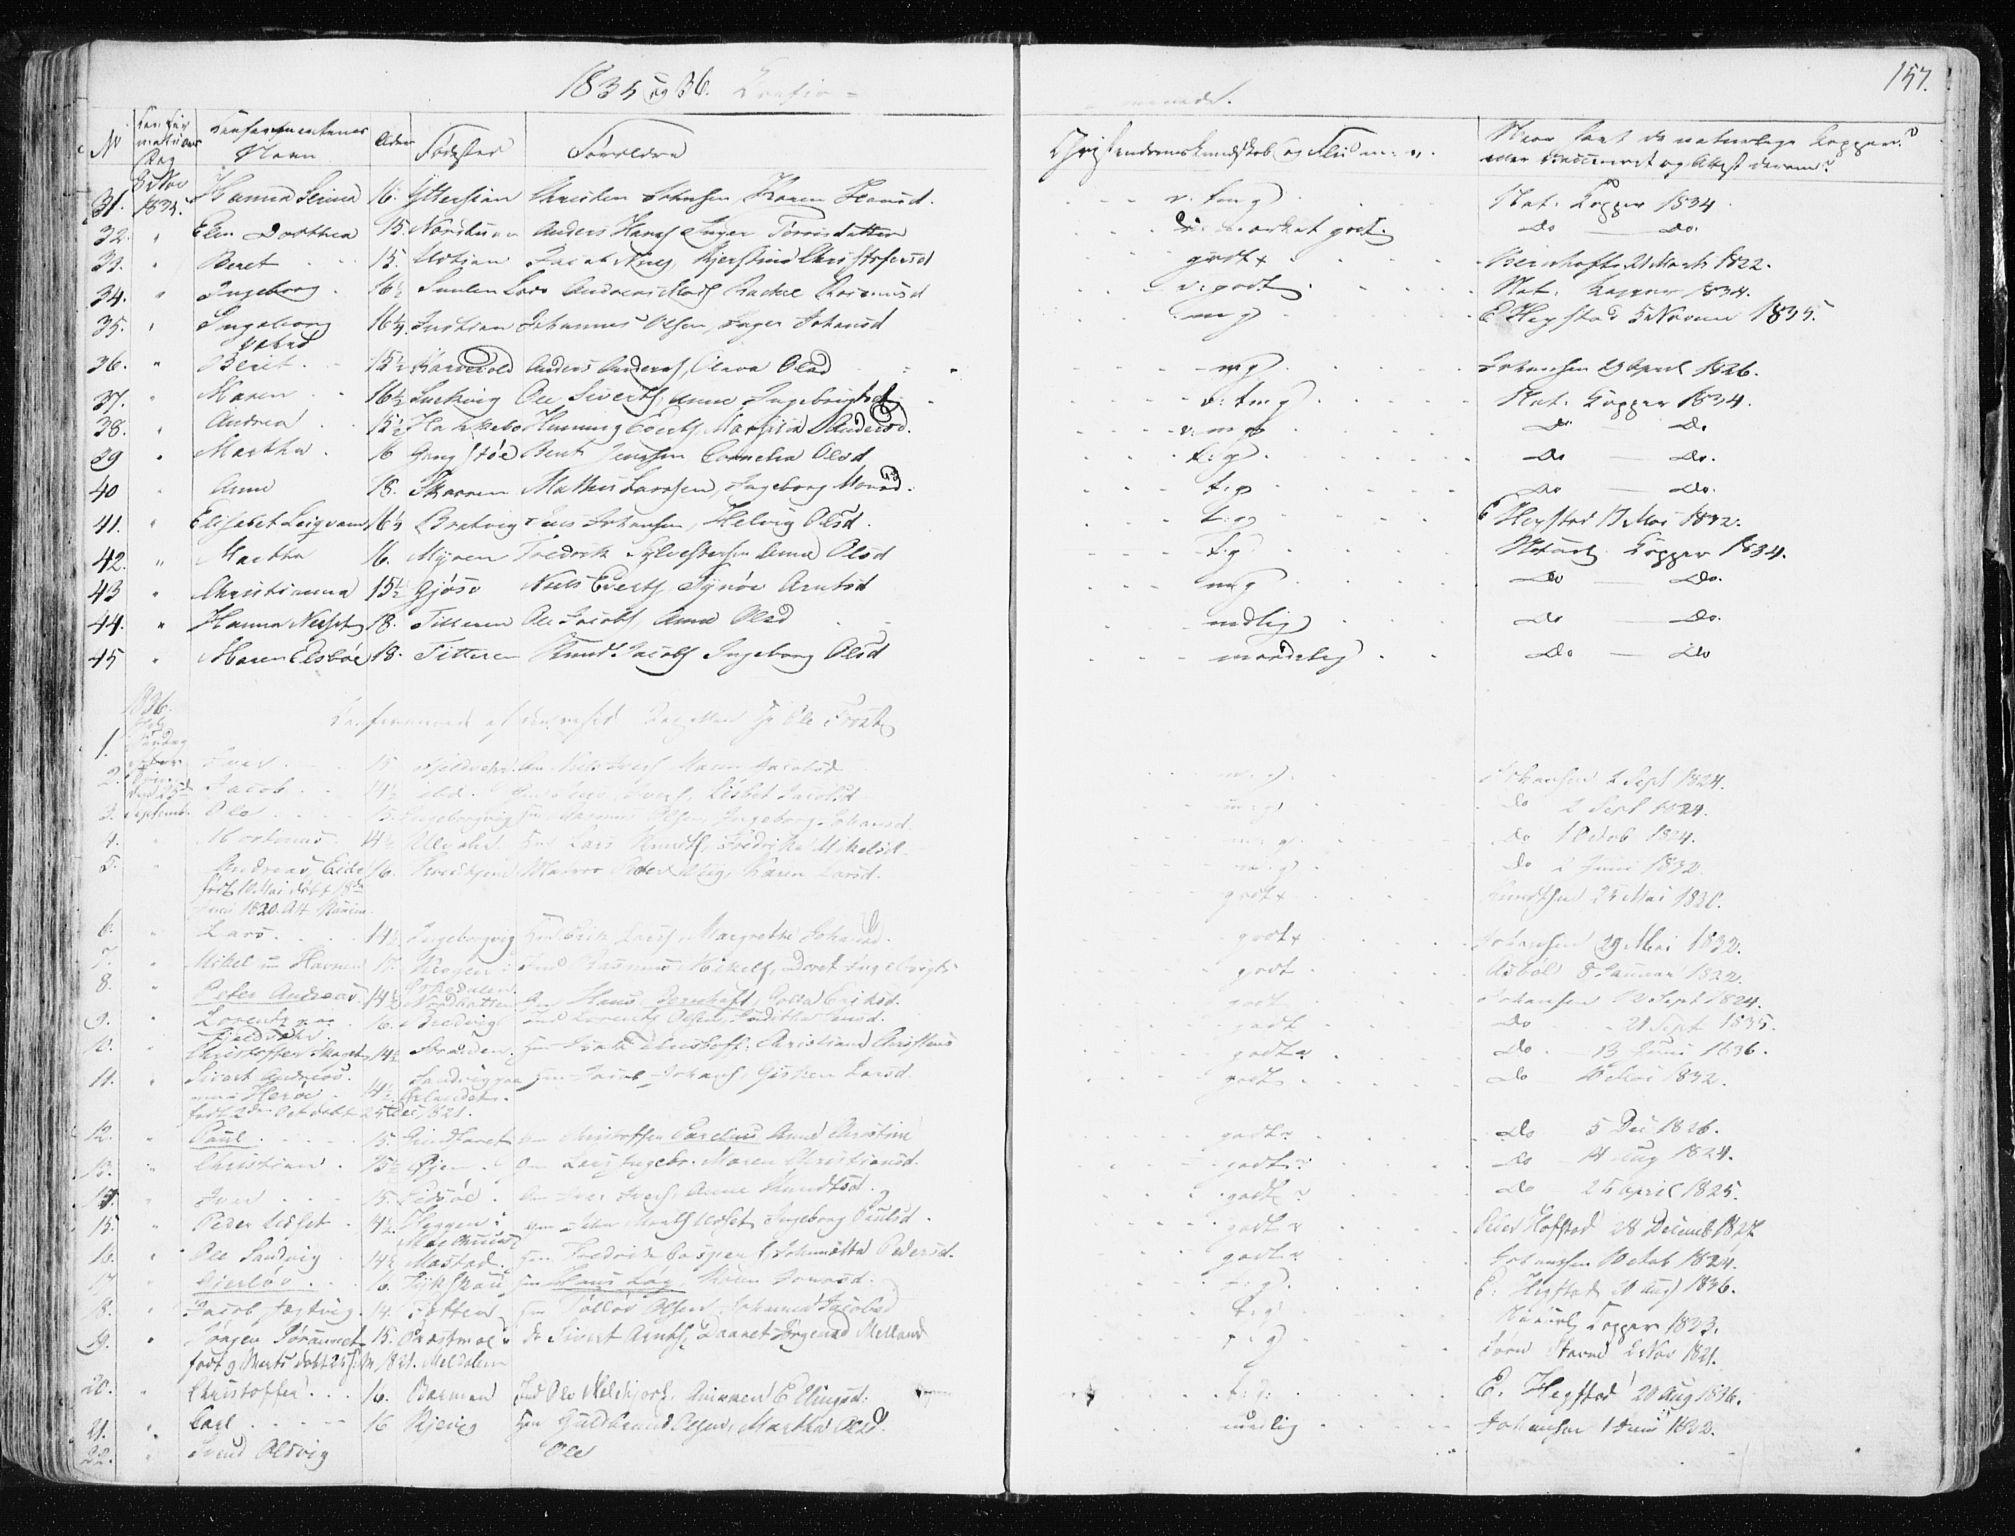 SAT, Ministerialprotokoller, klokkerbøker og fødselsregistre - Sør-Trøndelag, 634/L0528: Ministerialbok nr. 634A04, 1827-1842, s. 157